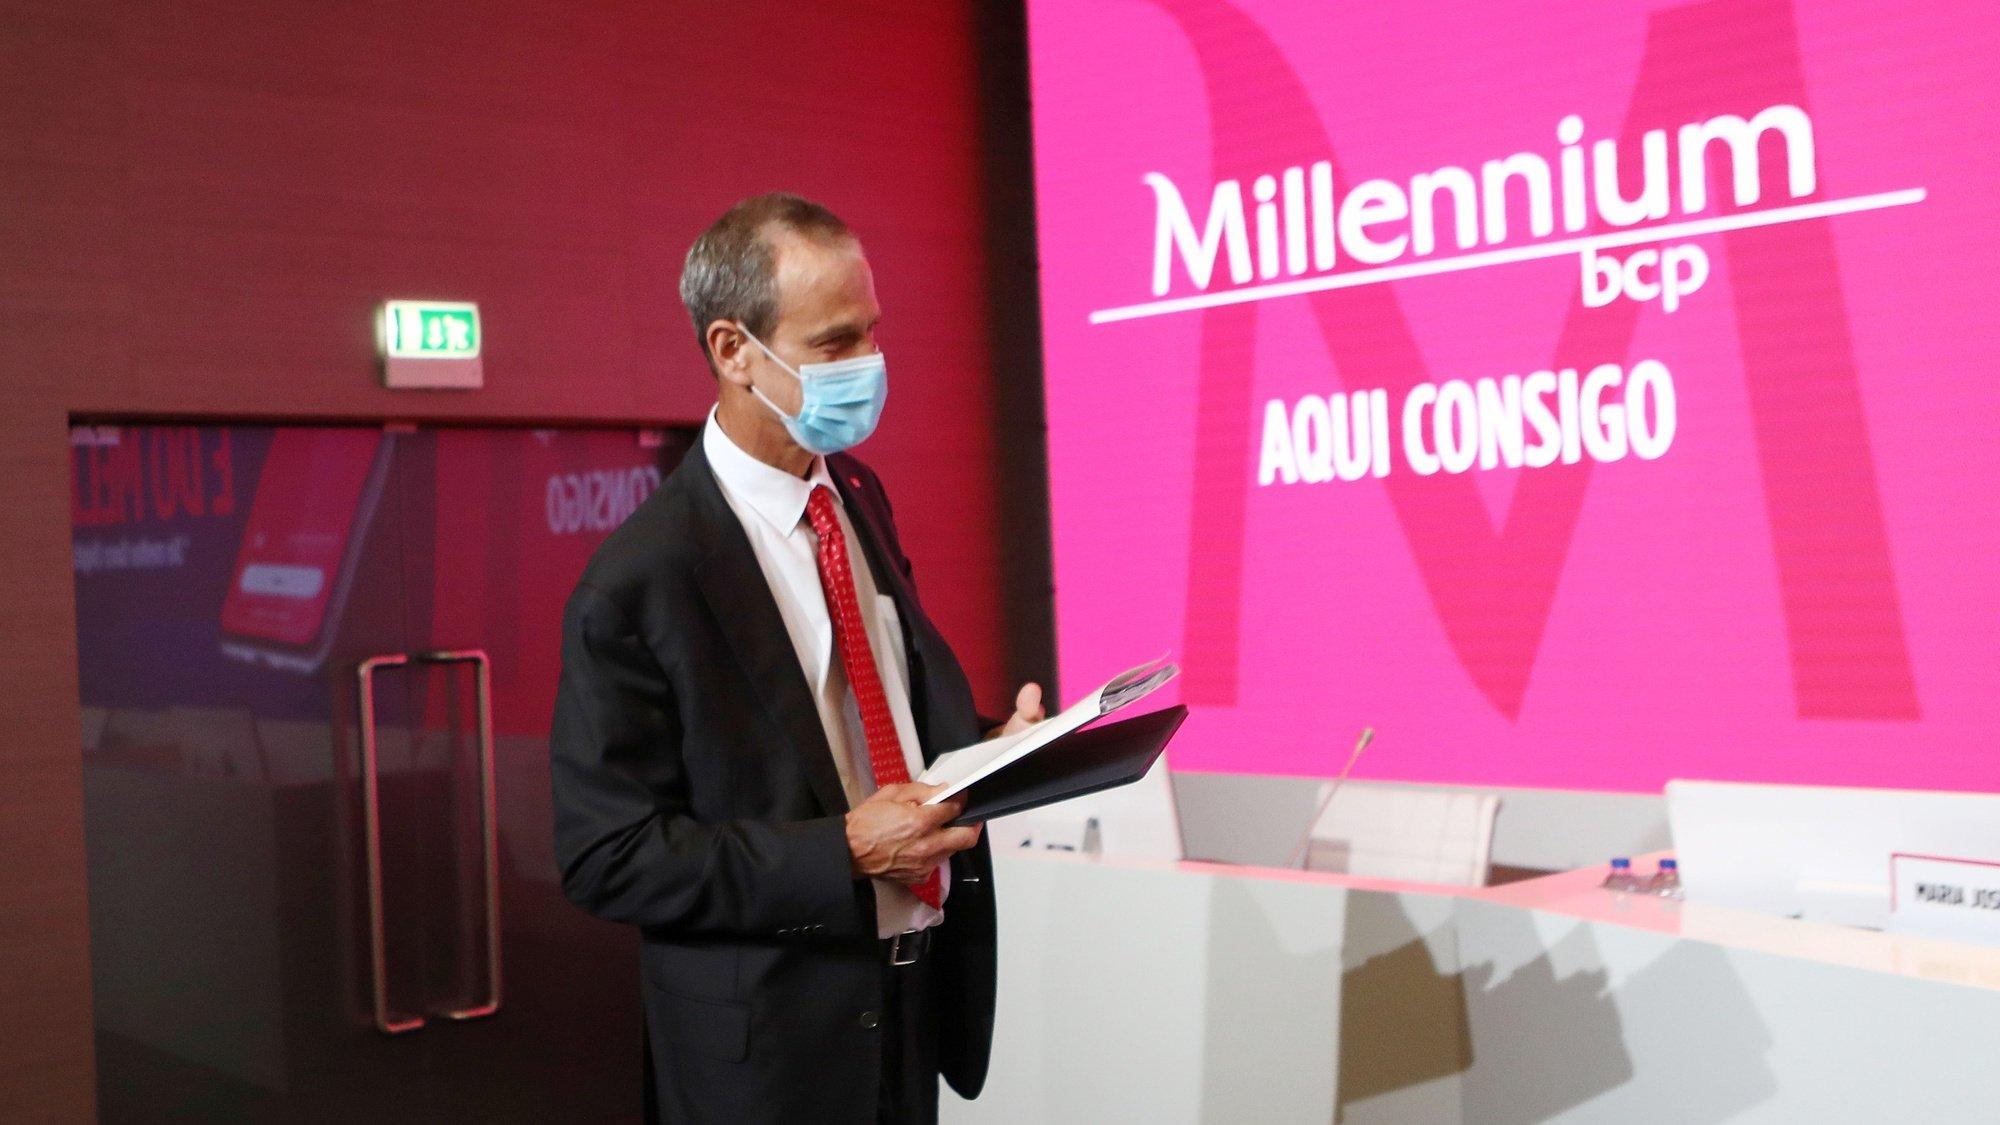 O presidente do Millennium bcp, Miguel Maya, à chegada para a apresentação dos resultados do banco no 3.º semestre de 2020, em Oeiras, 29 de outubro de 2020. ANTÓNIO PEDRO SANTOS/LUSA